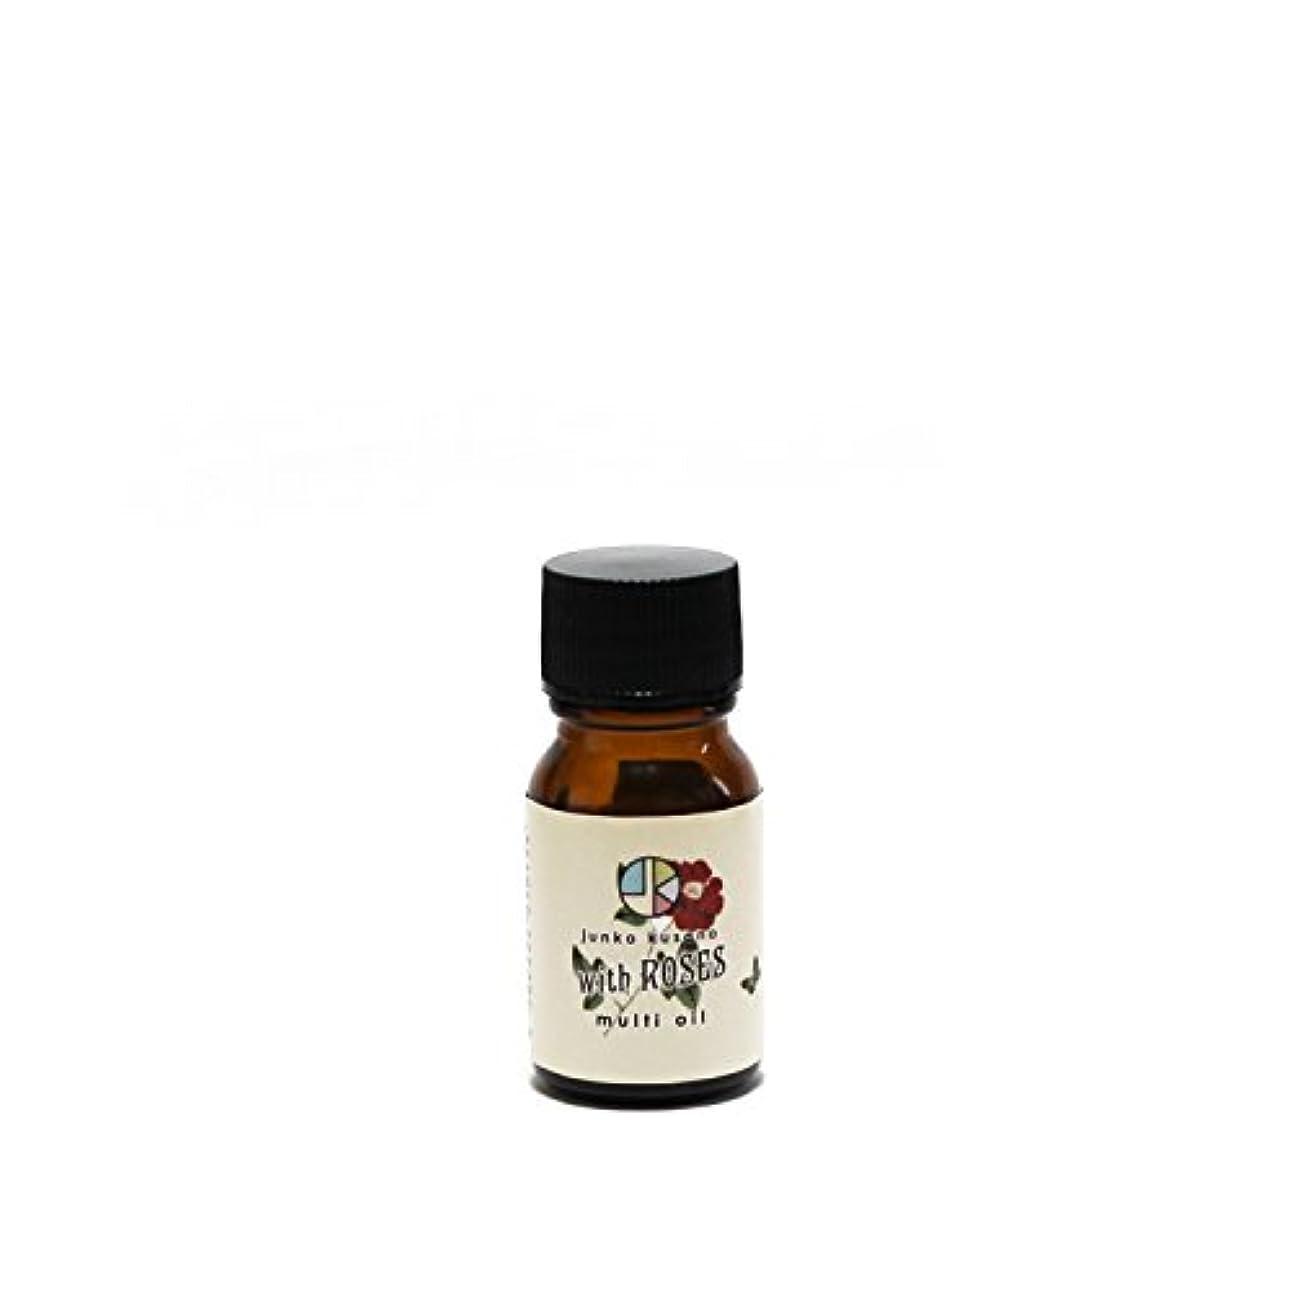 ひねり老人エジプト人junko kusano multi oil with Roses mini マルチオイルwithローズ ミニボトル10ml